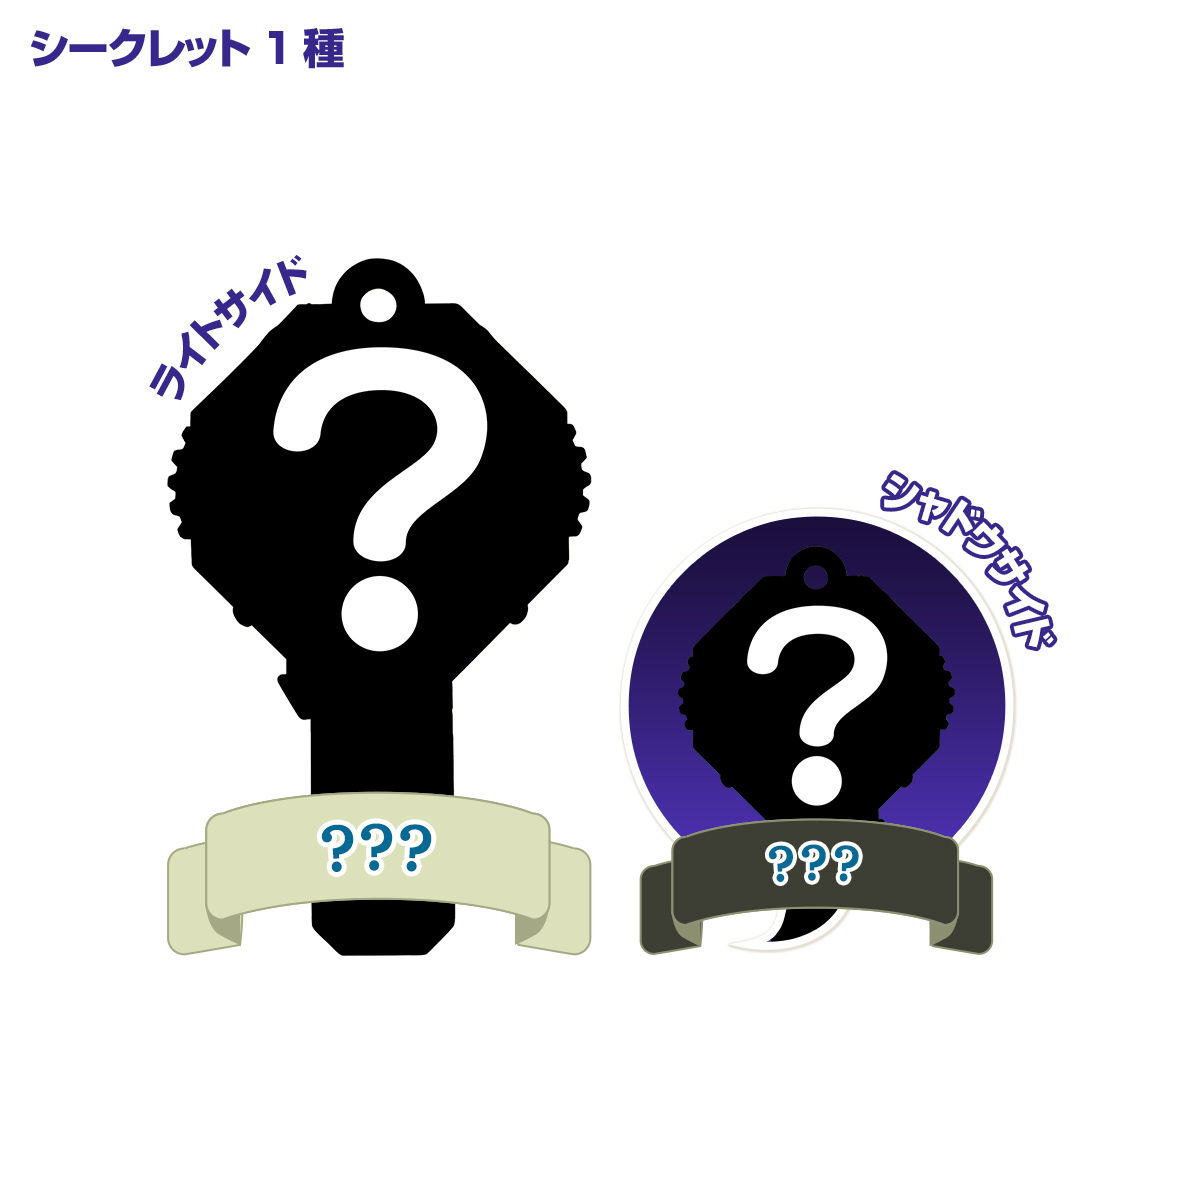 妖怪アーク 1st ~ひらけ!第一の扉~